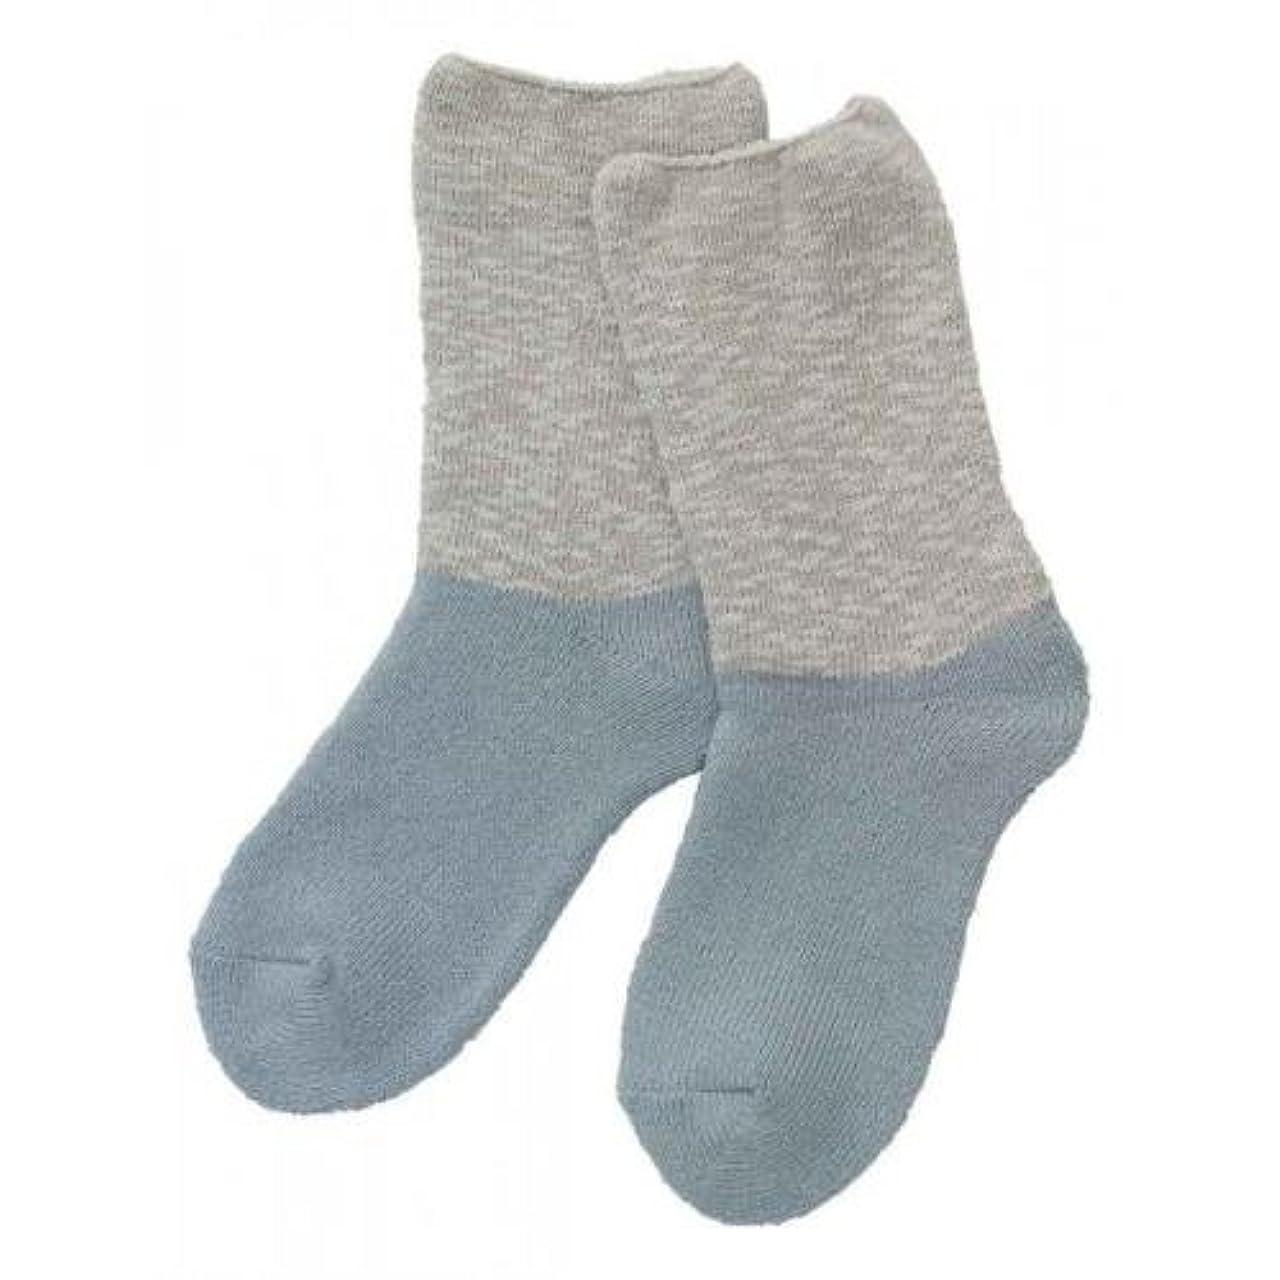 ベアリングサークルとげのあるまたはどちらかCarelance(ケアランス)お風呂上りのやさしい靴下 綿麻パイルで足先さわやか 8706CA-70 ブルー